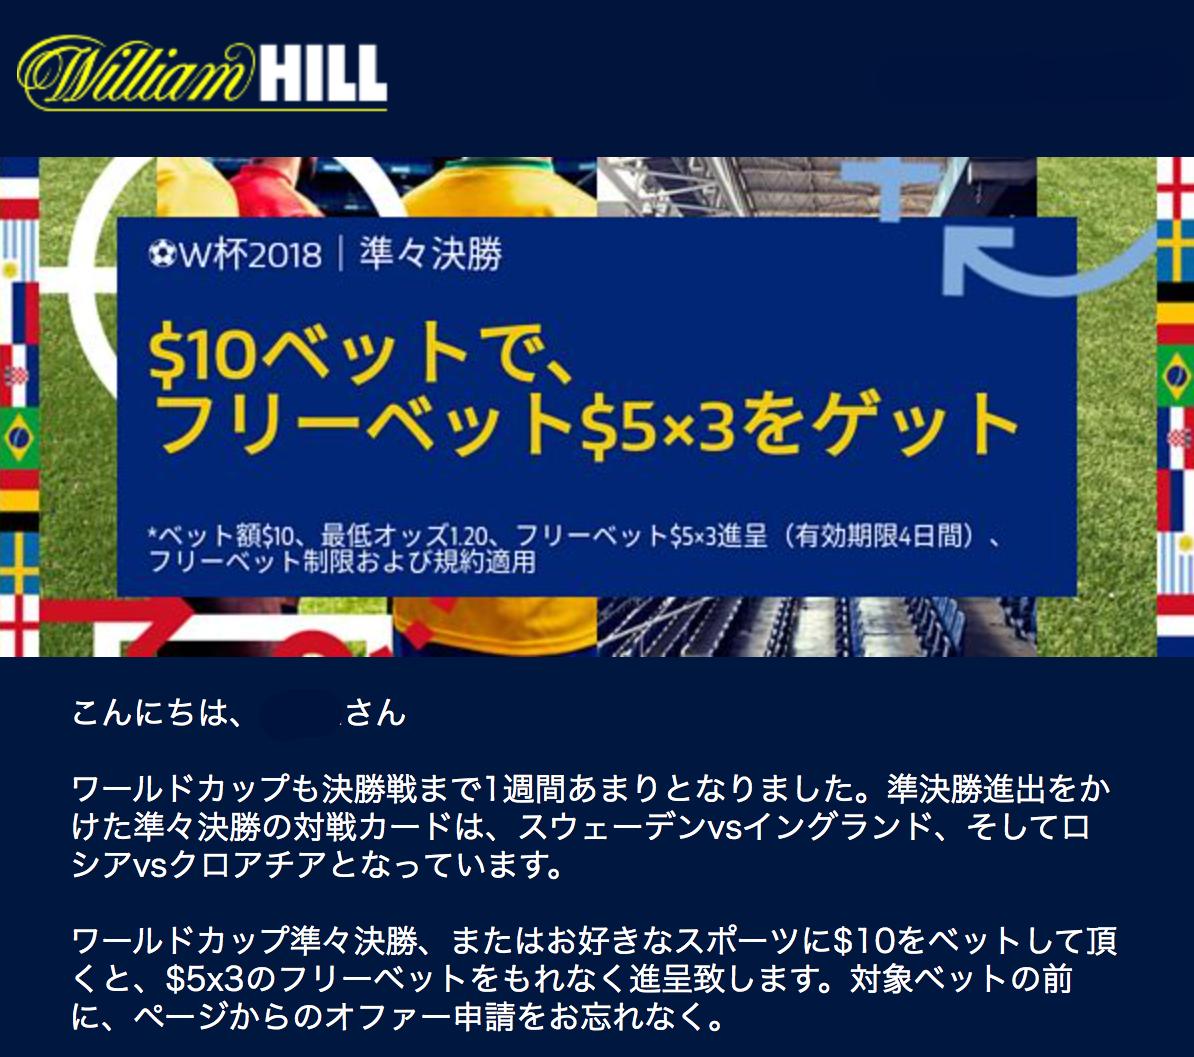 ウィリアムヒル:特別オファー!準々決勝